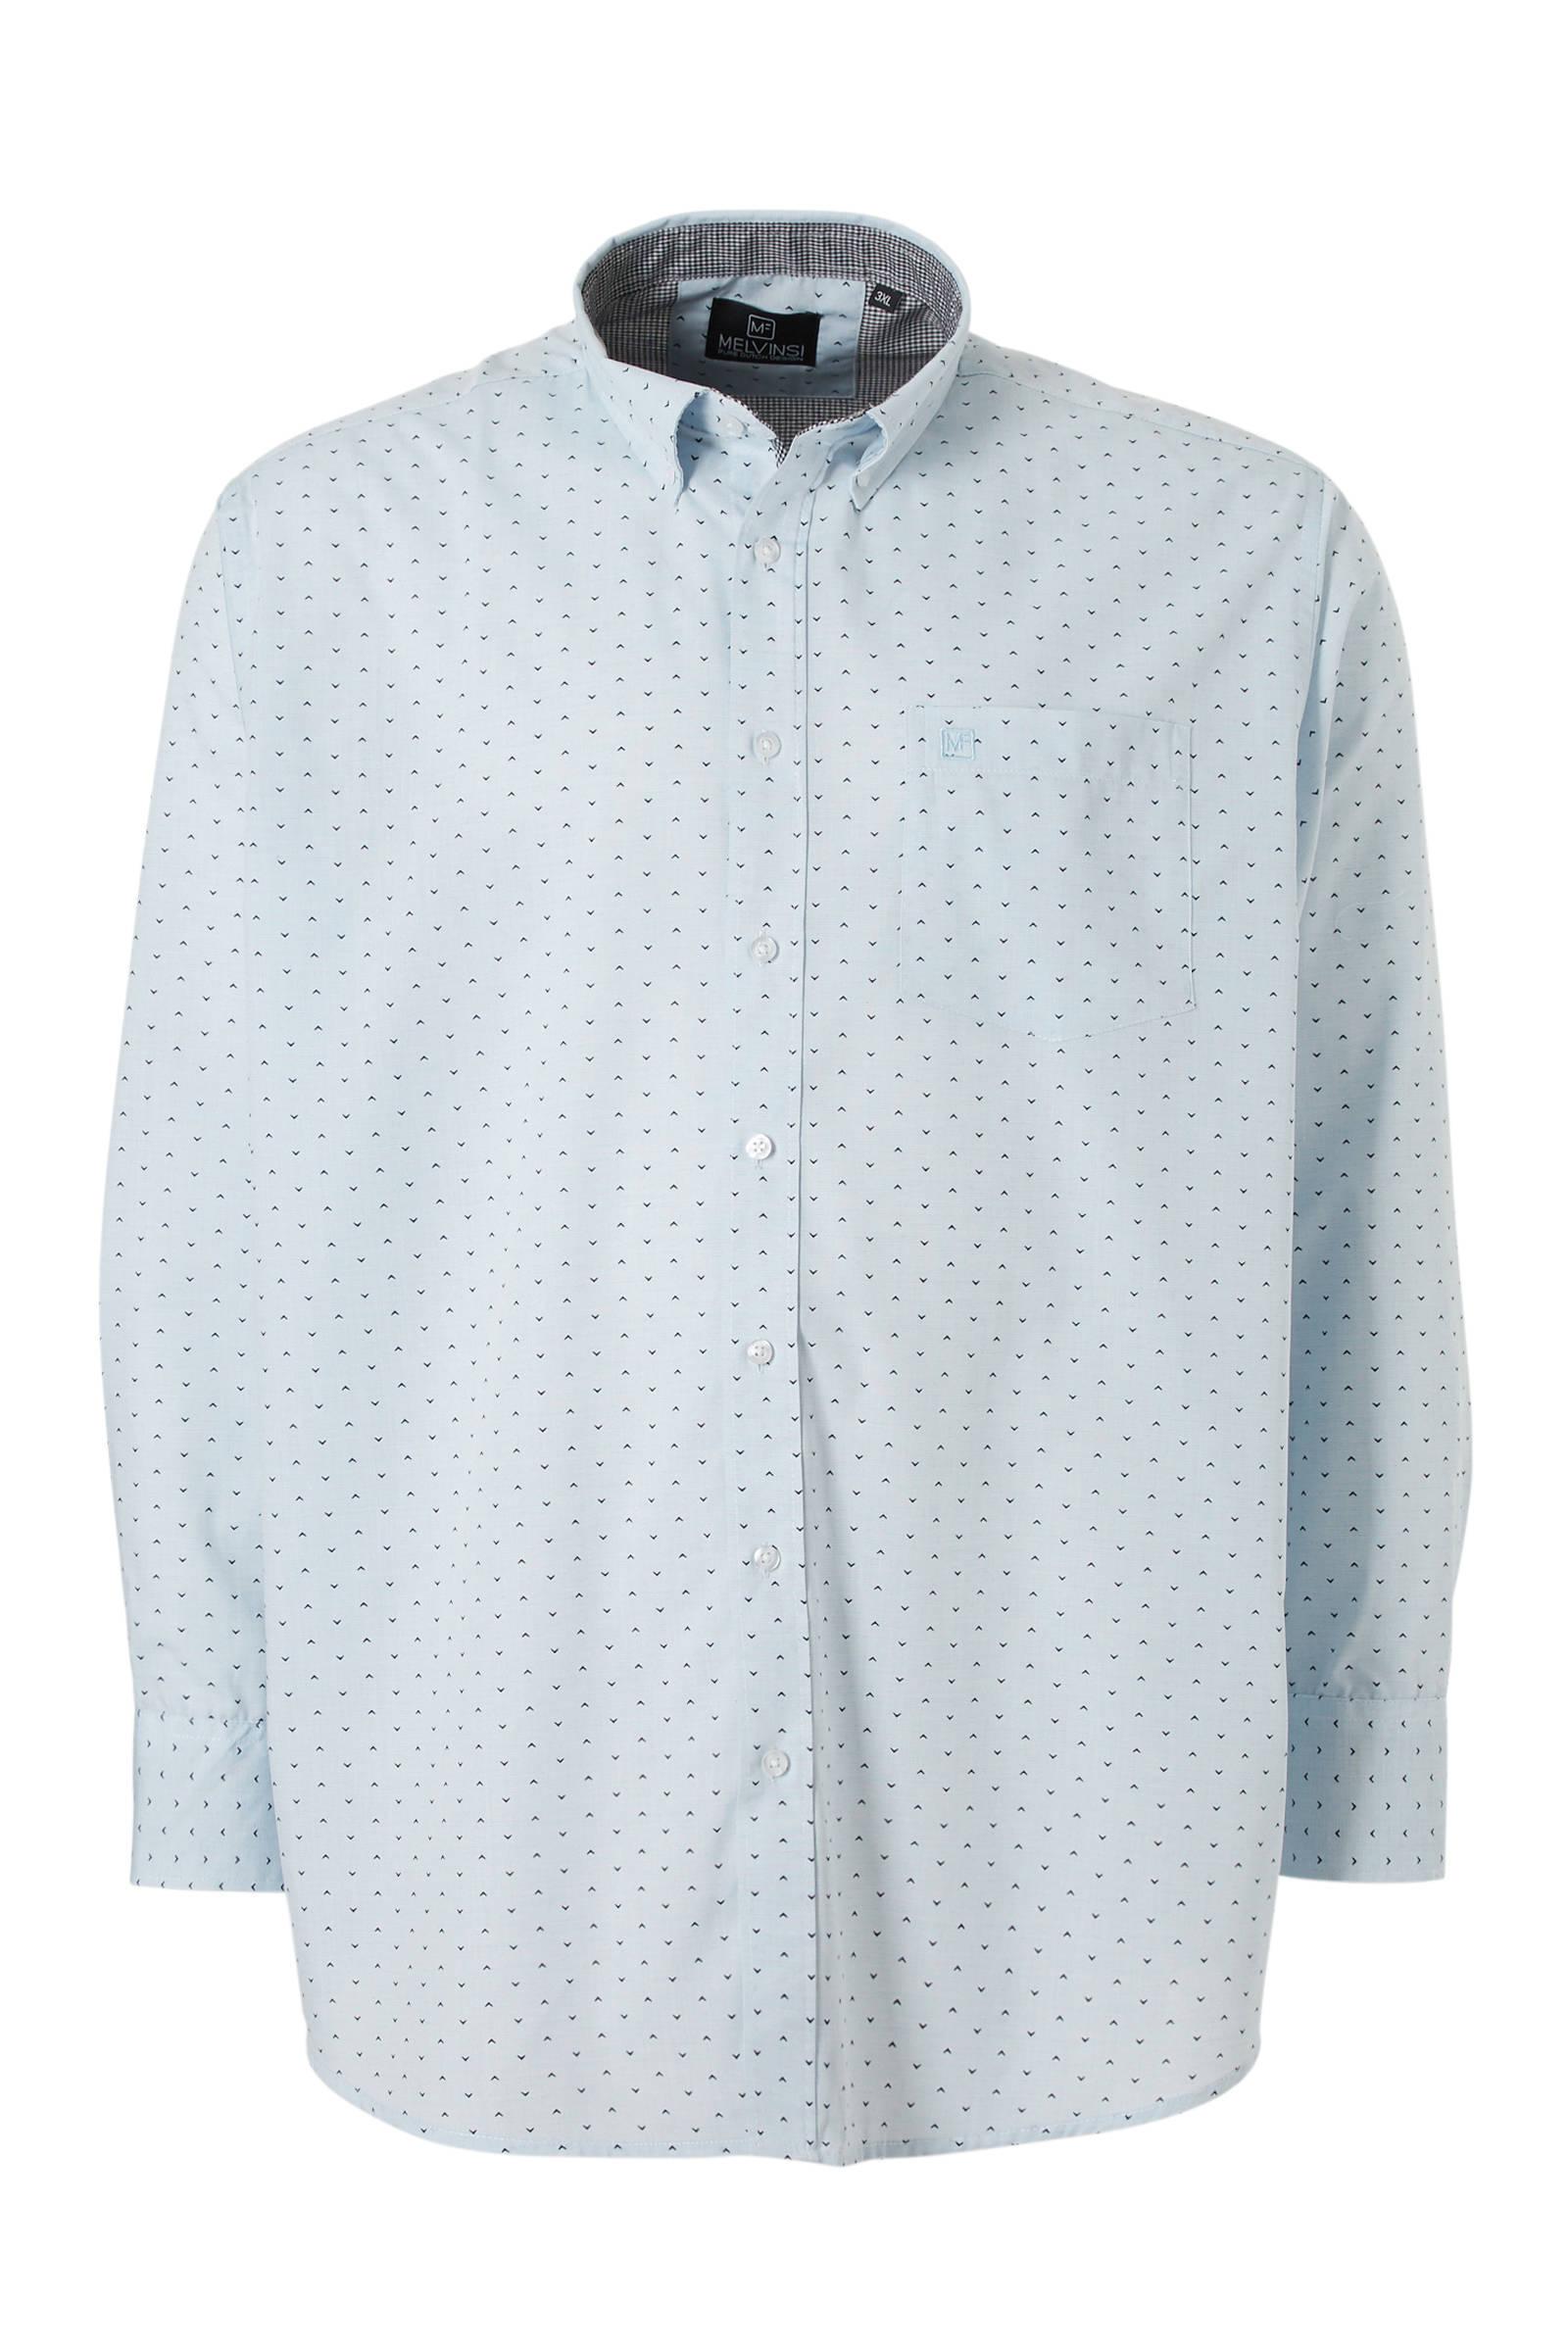 Melvinsi +size regular fit overhemd (heren)